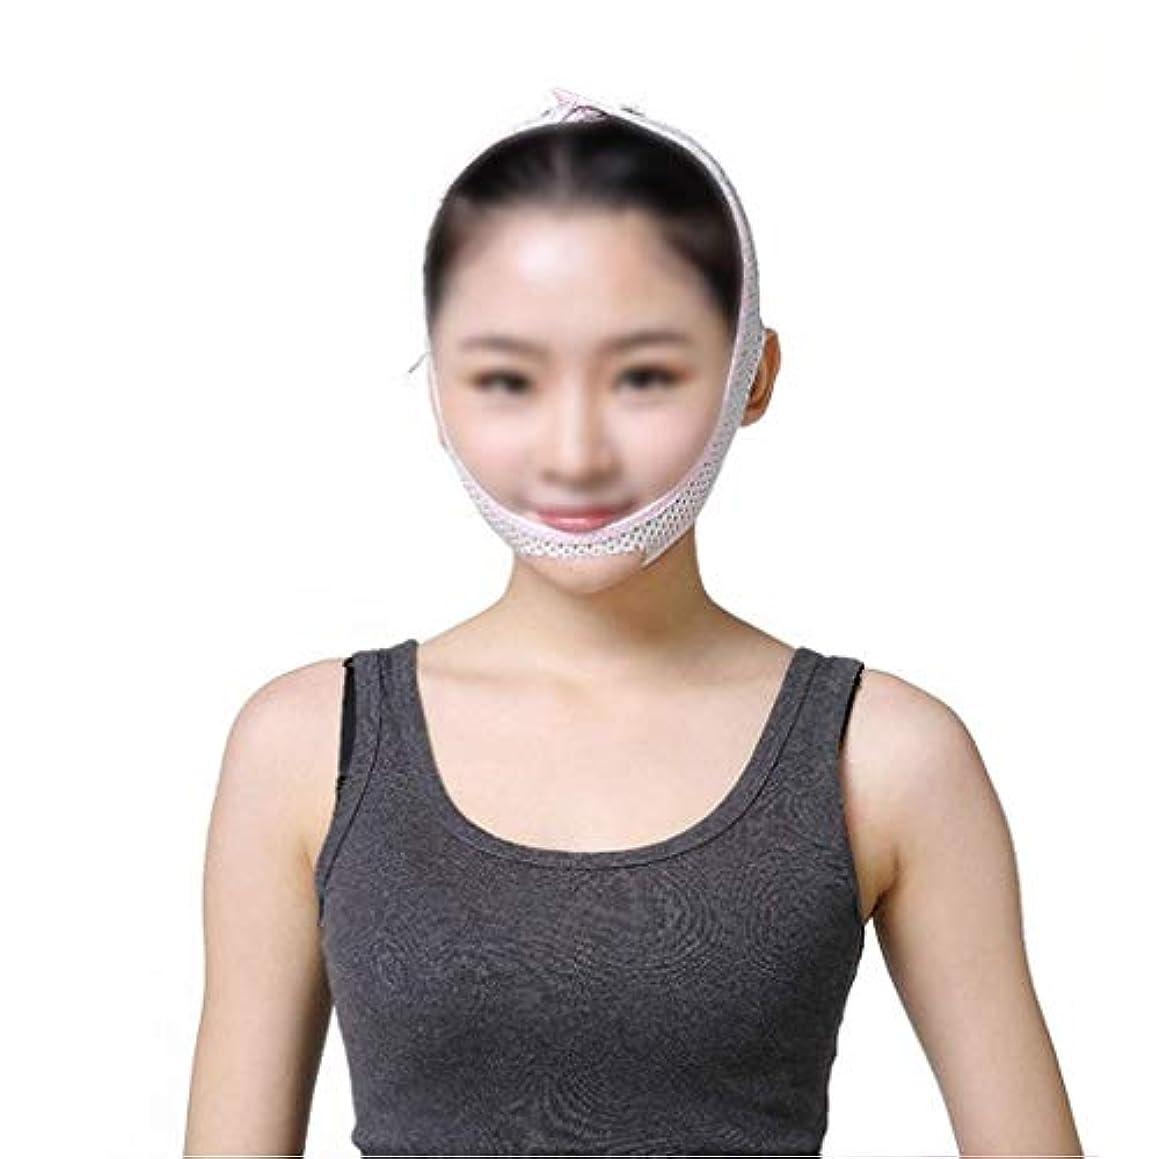 公平二層マークされたフェイスリフティングマスク、快適で リフティングスキンファーミングスリープシンフェイスアーティファクトアンチリンクル/リムーブダブルチン/術後回復マスク(サイズ:L)